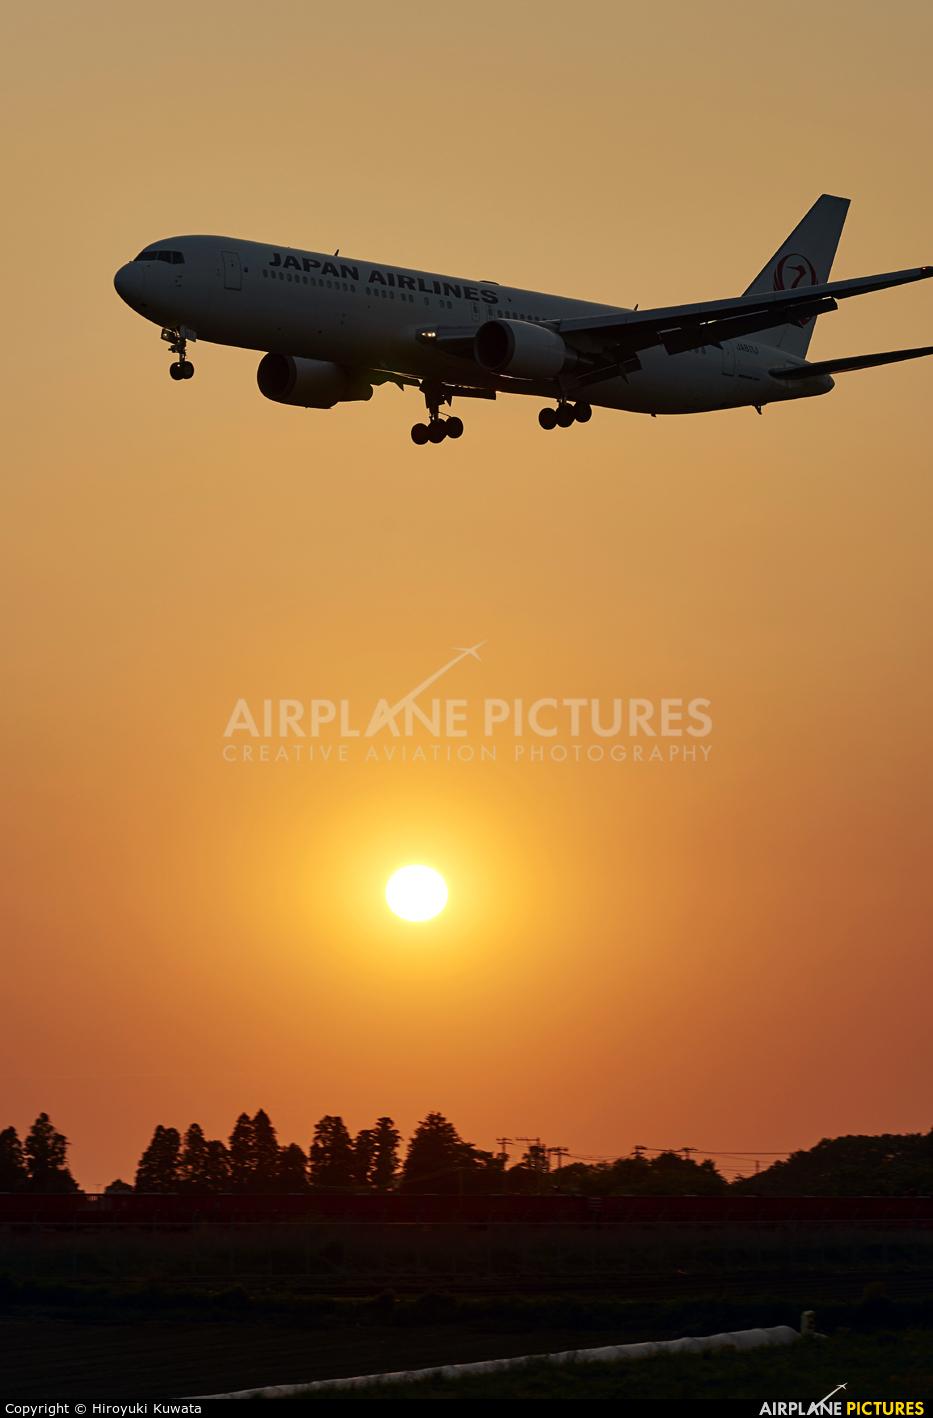 JAL - Japan Airlines JA611J aircraft at Tokyo - Narita Intl